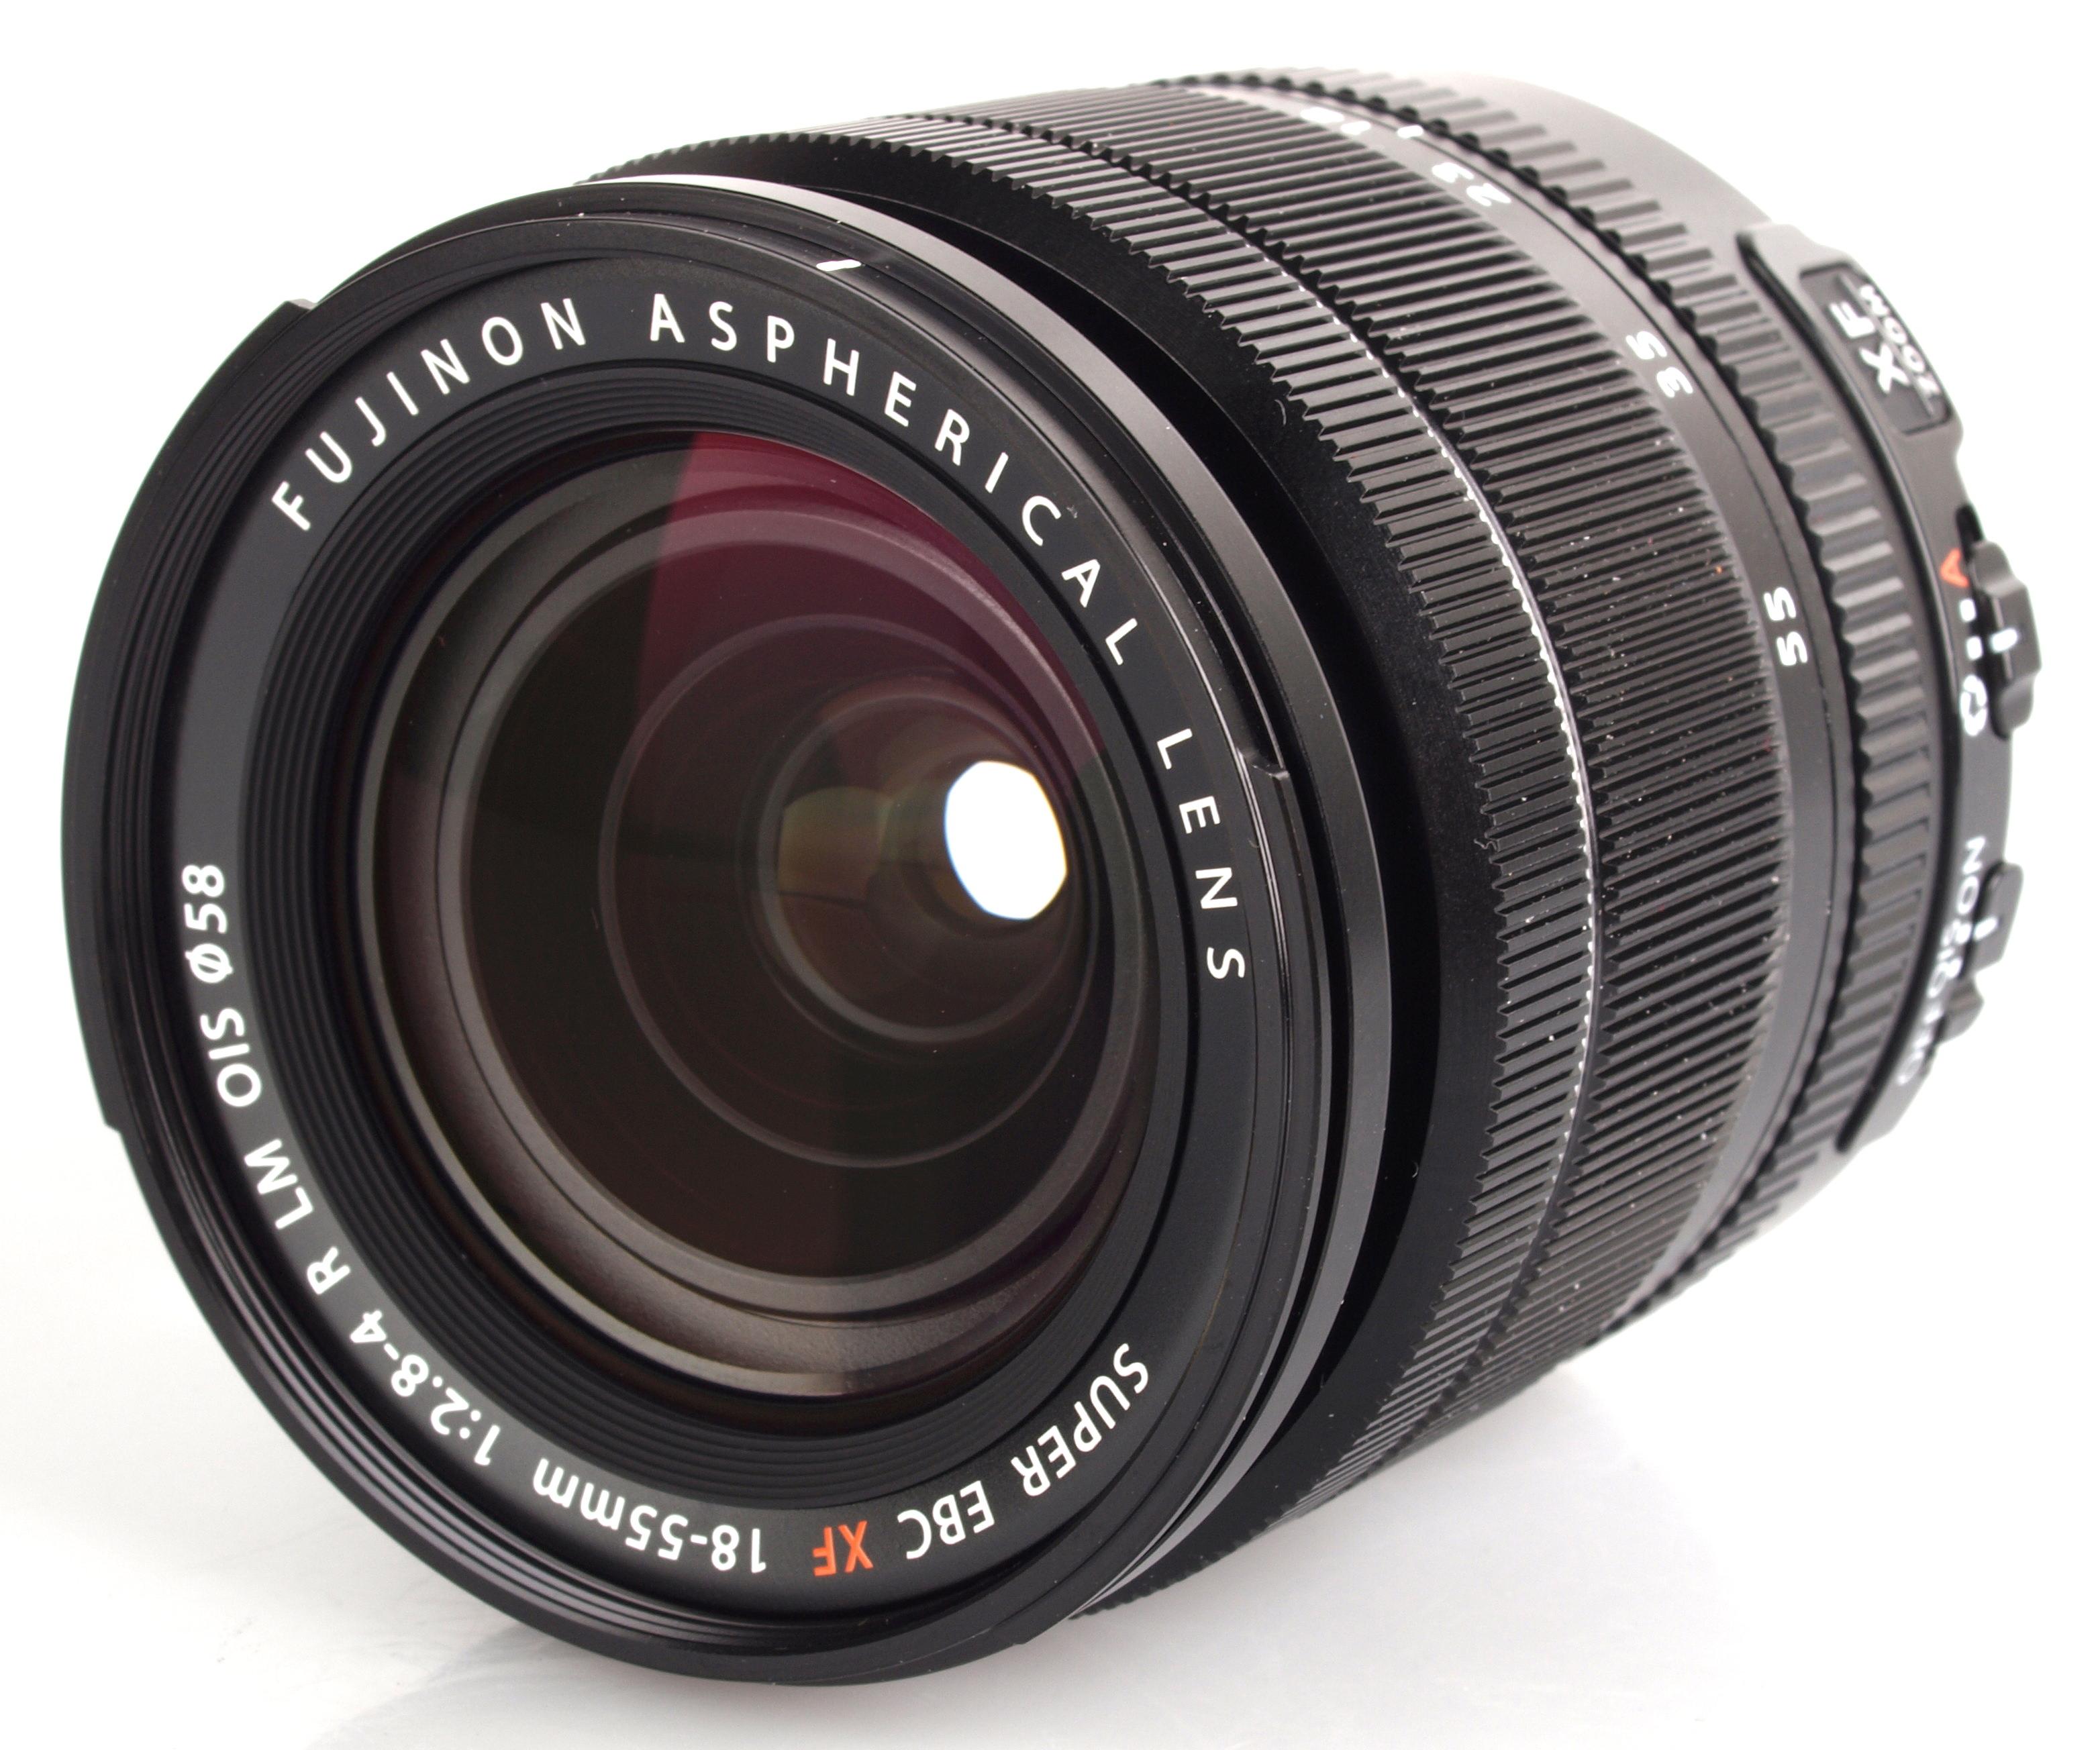 Fujifilm Fujinon XF 18-55mm f/2 8-4 R LM OIS Lens Review | ePHOTOzine